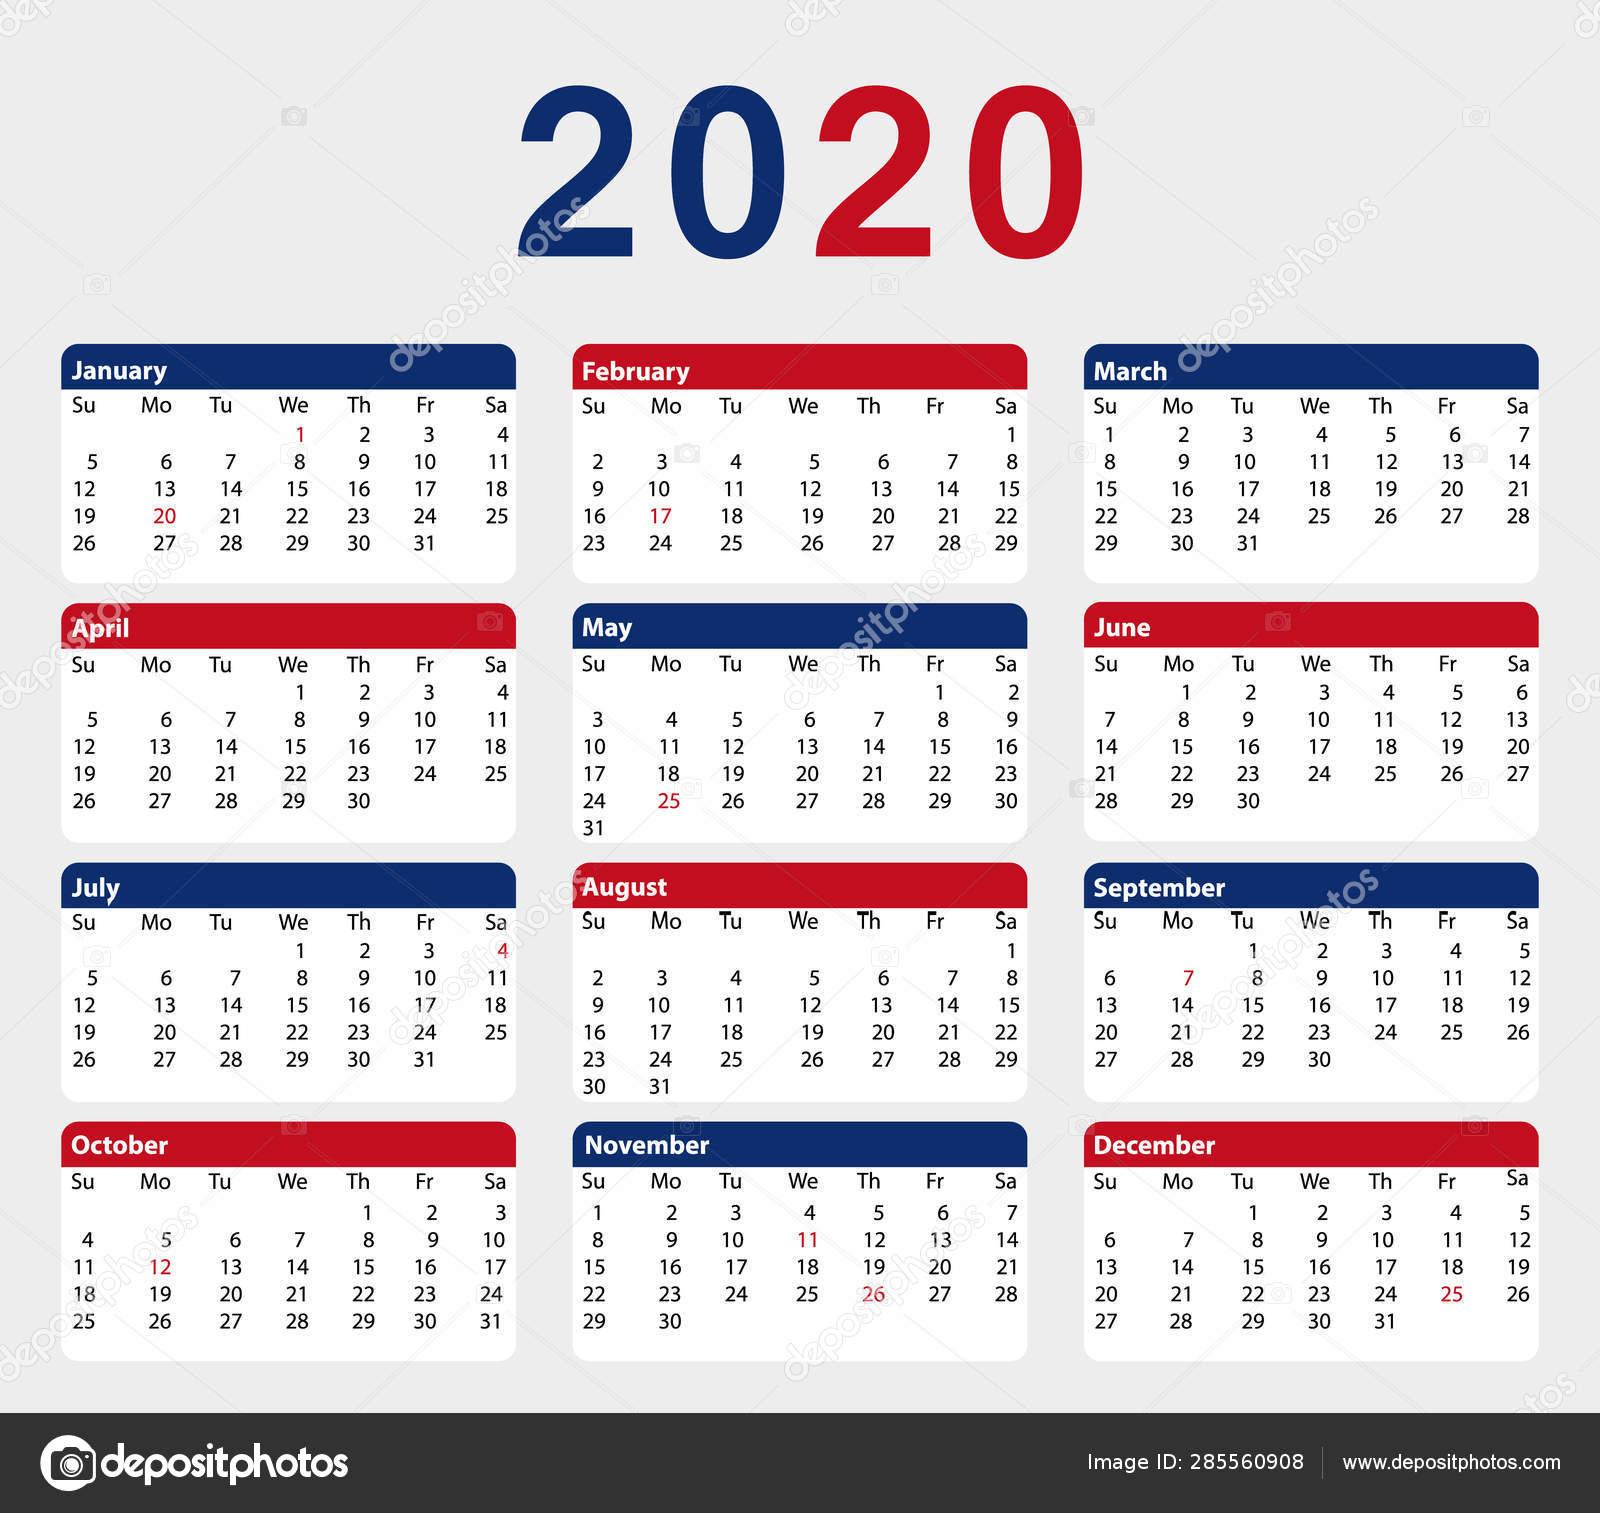 Календарь 2020 Года Месяцев Цвета Американского Флага Вектор